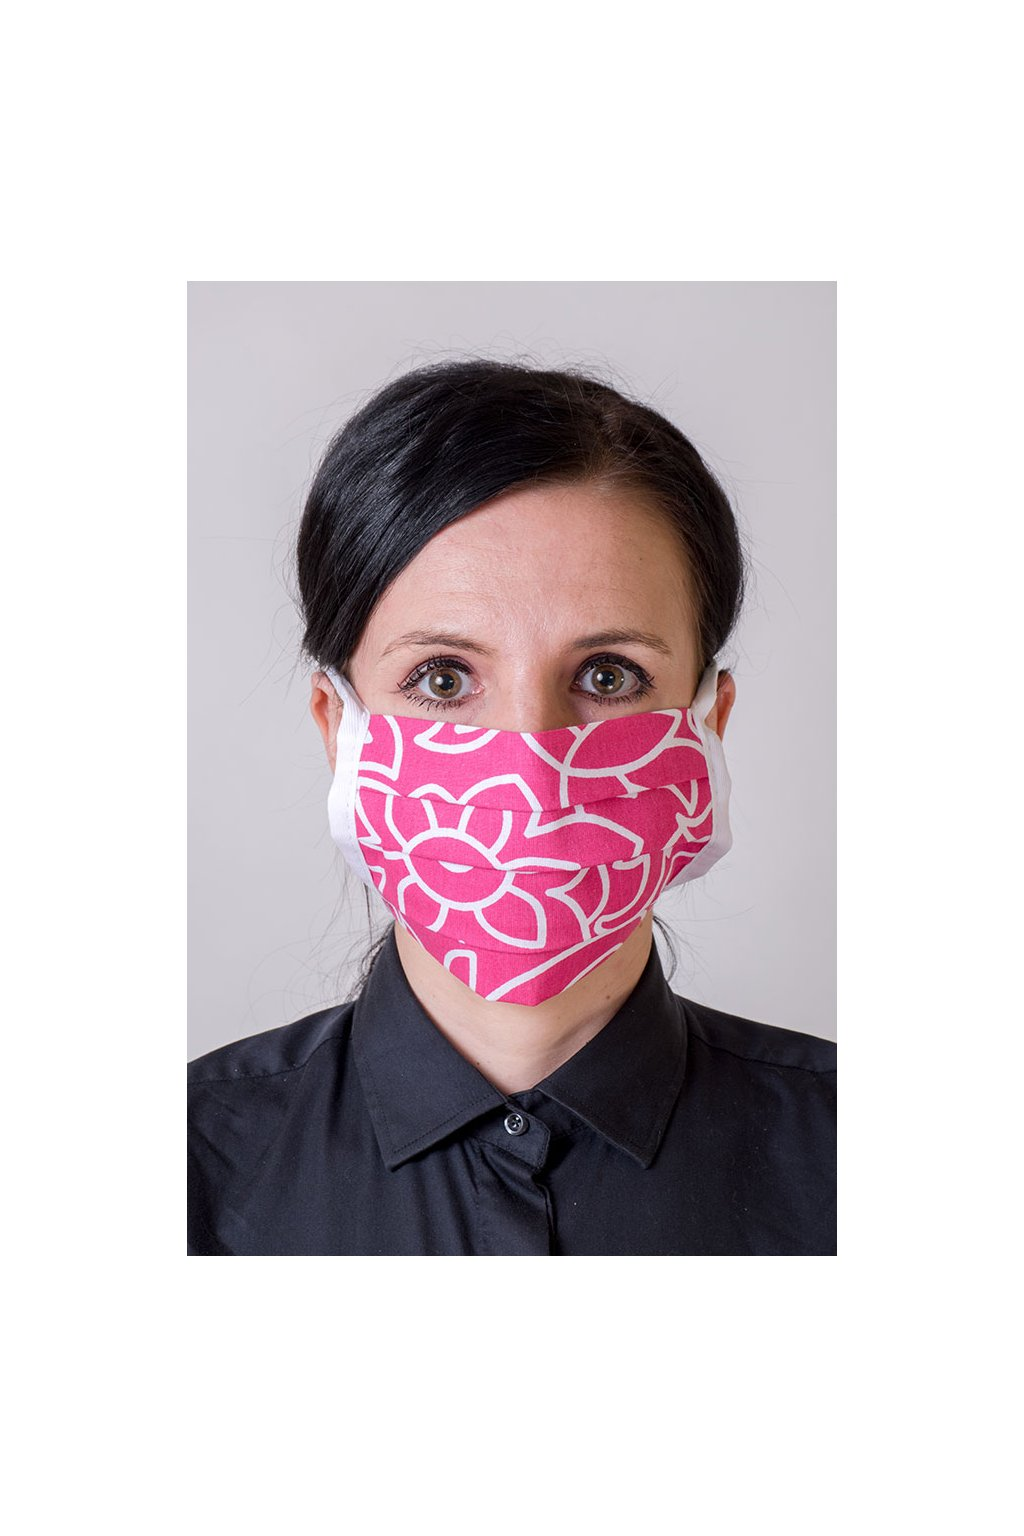 Bavlněná rouška na ústa a nos dvouvrstvá skládaná s kapsou, se šňůrami z keprové stuhy, 797-149, Růžová